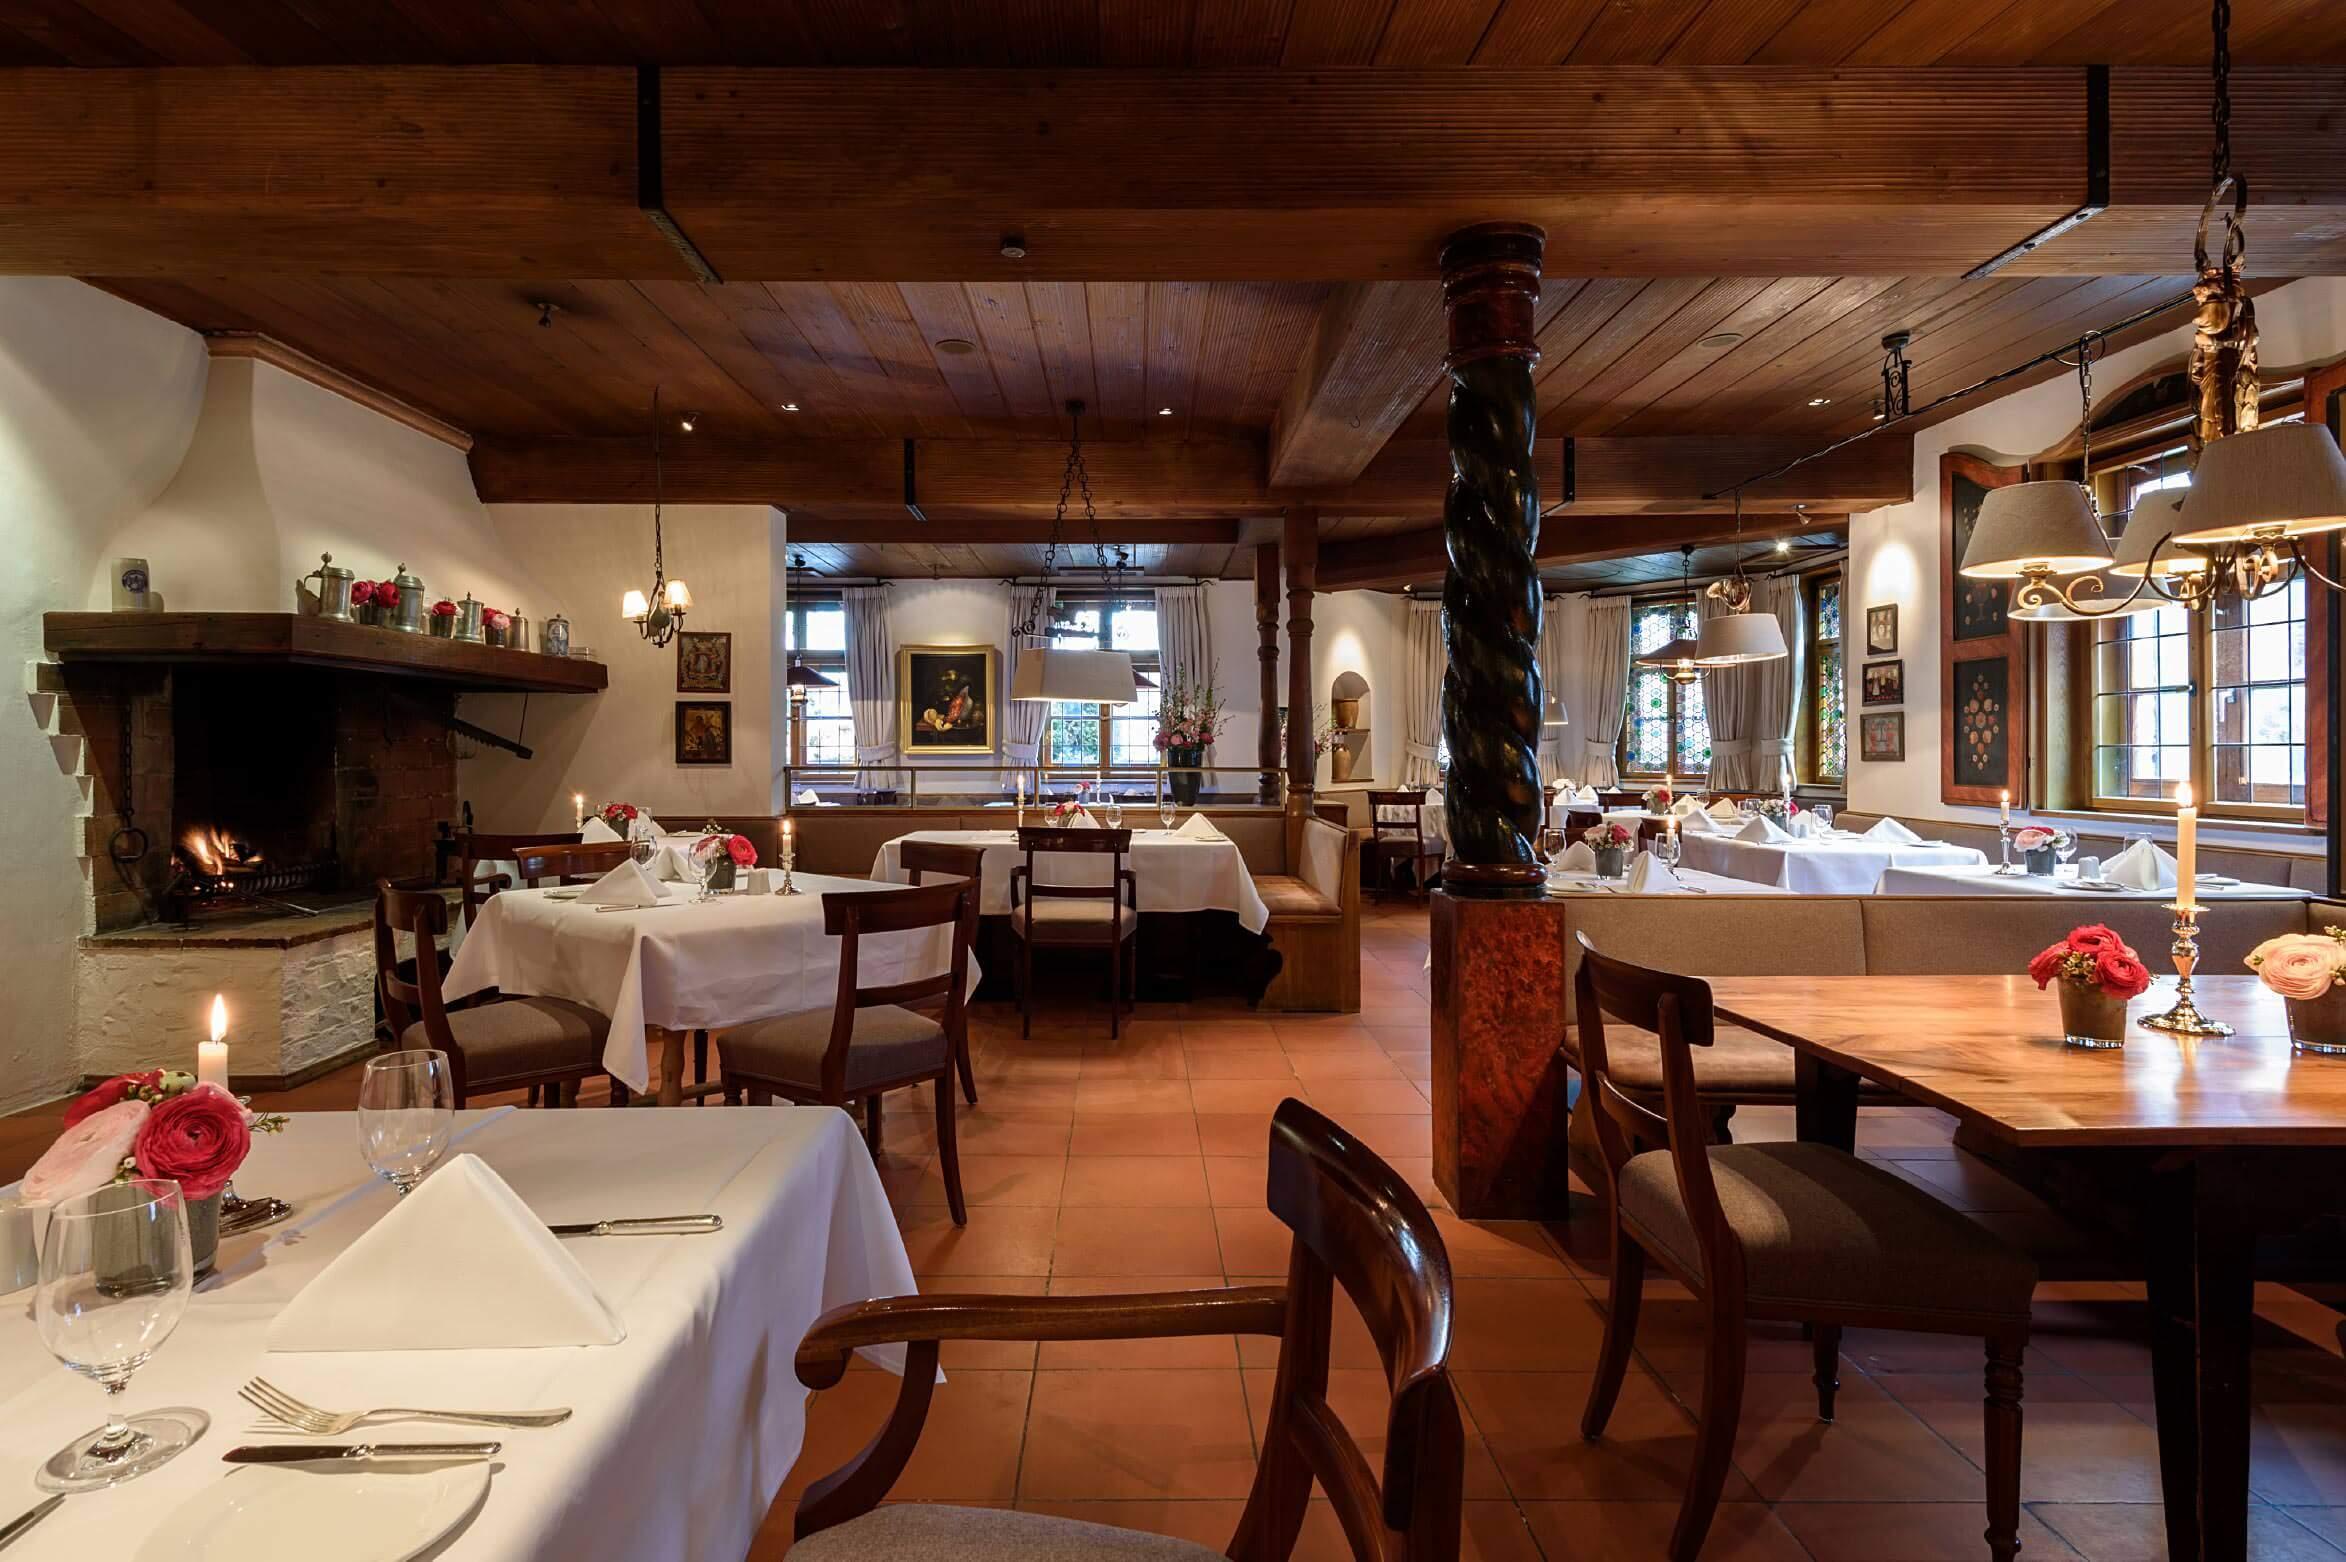 Restaurant | @linaundhans